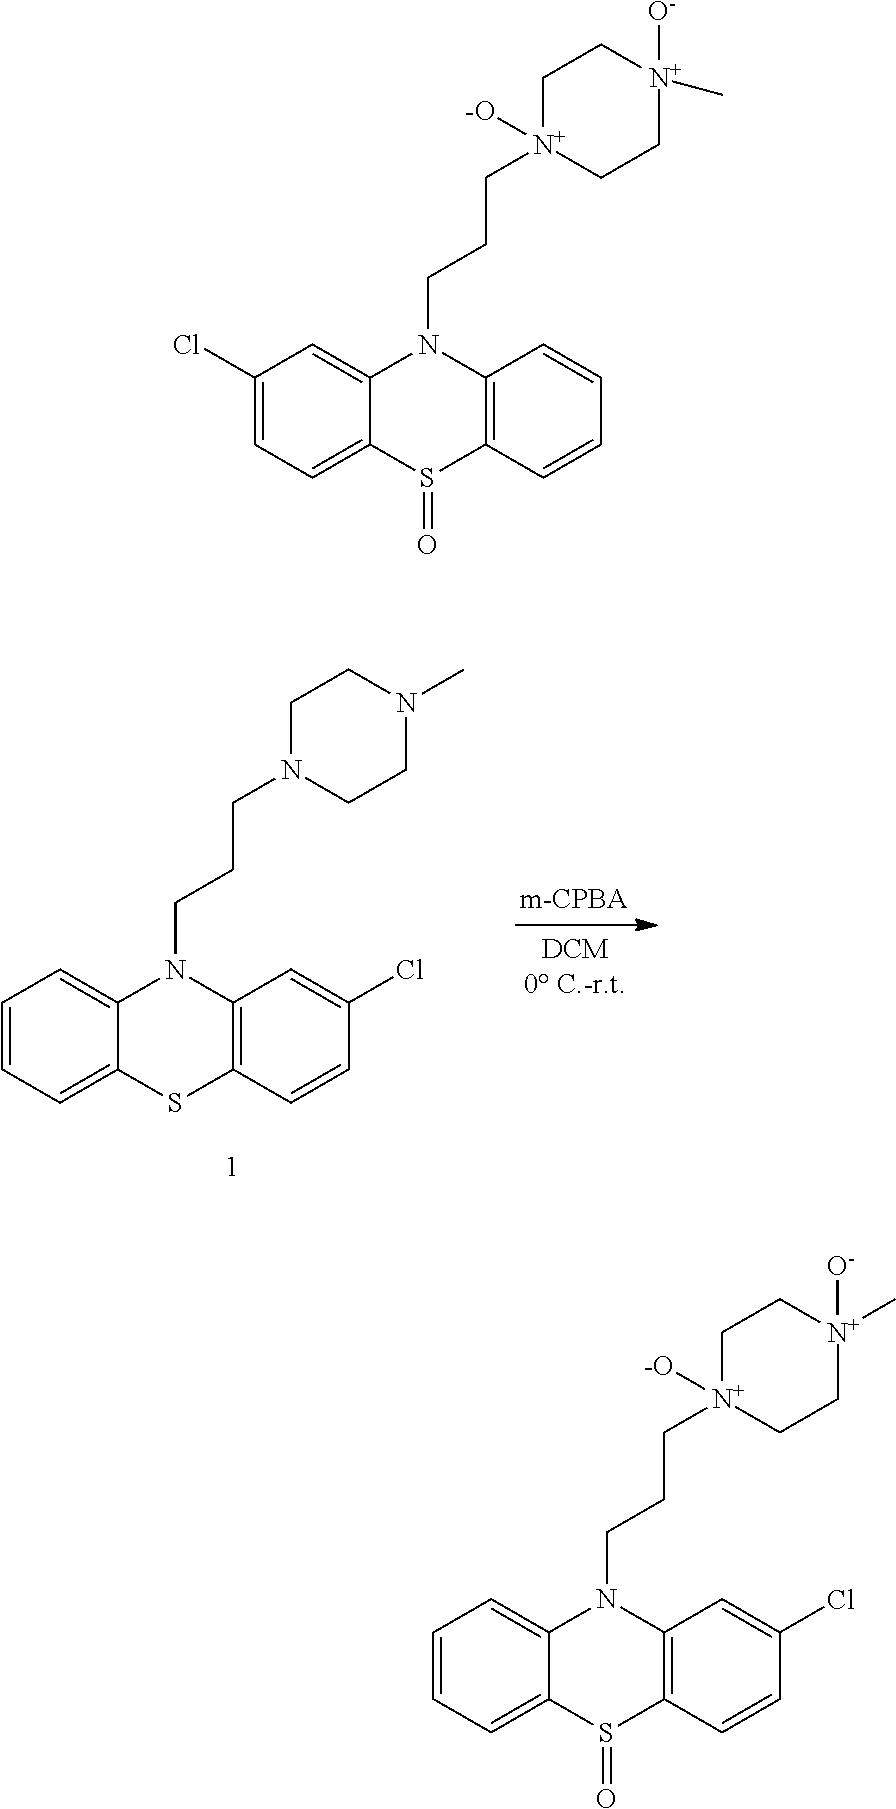 Figure US20190106394A1-20190411-C00116